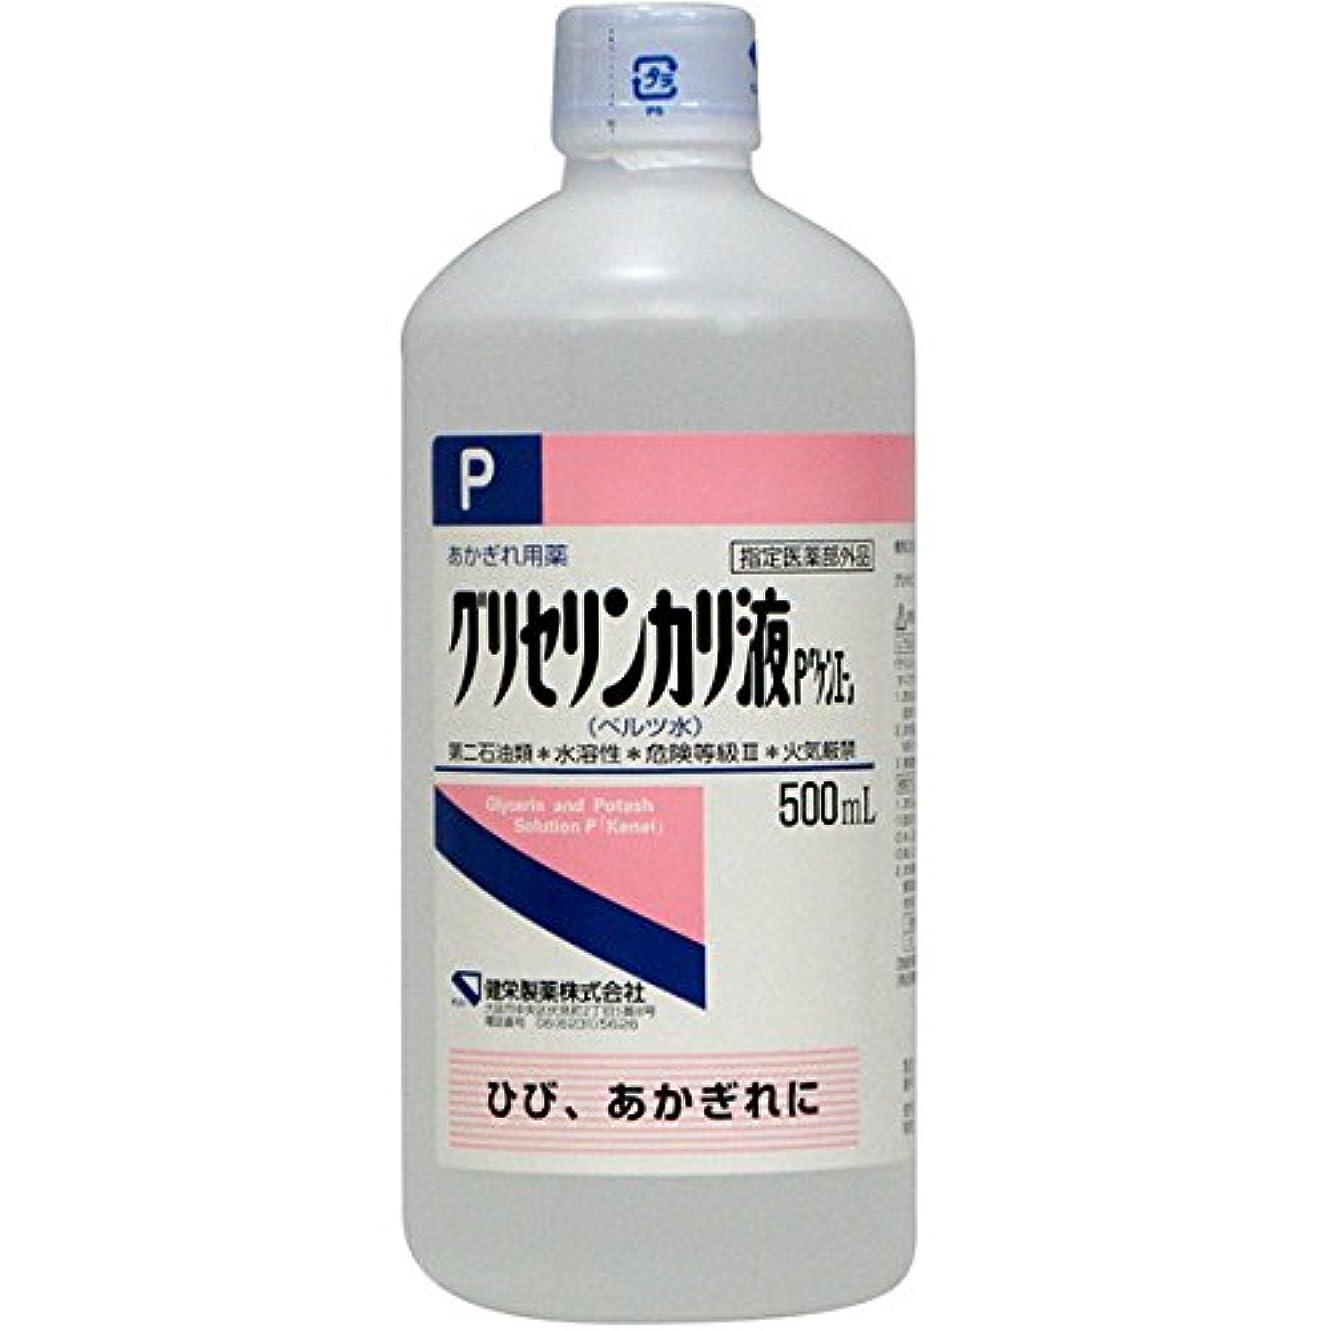 健栄製薬 グリセリンカリ液 ベルツ水 500ml